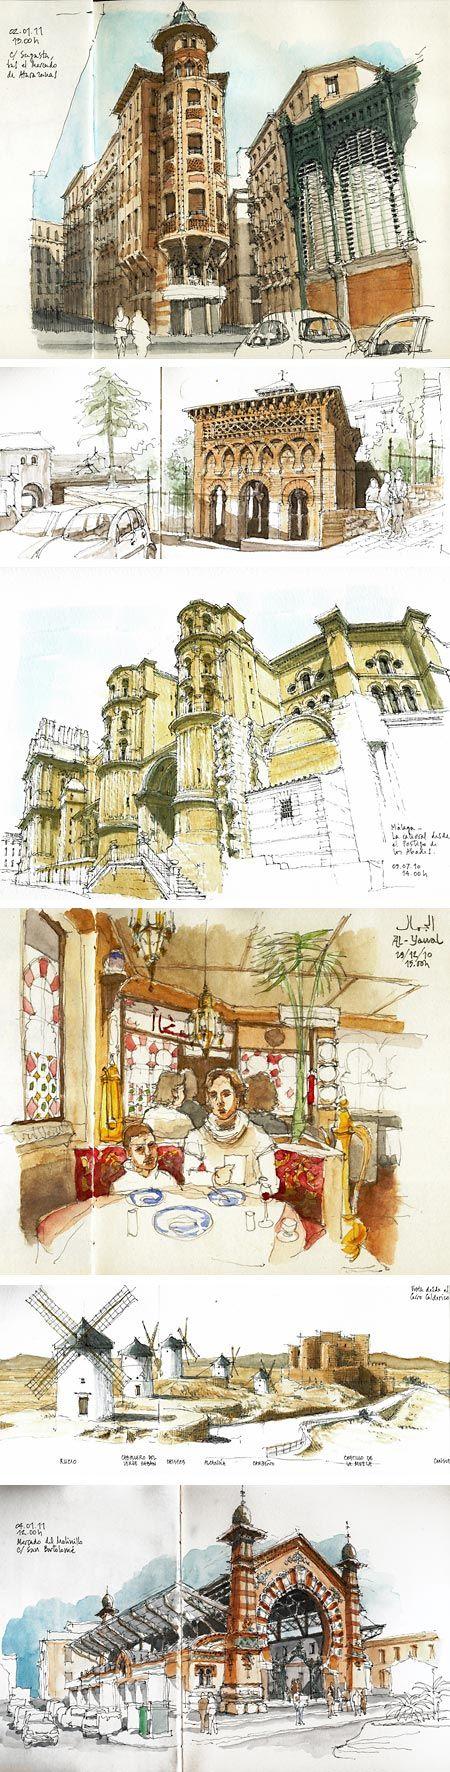 Luis Ruiz Sketchbook Málaga Spain